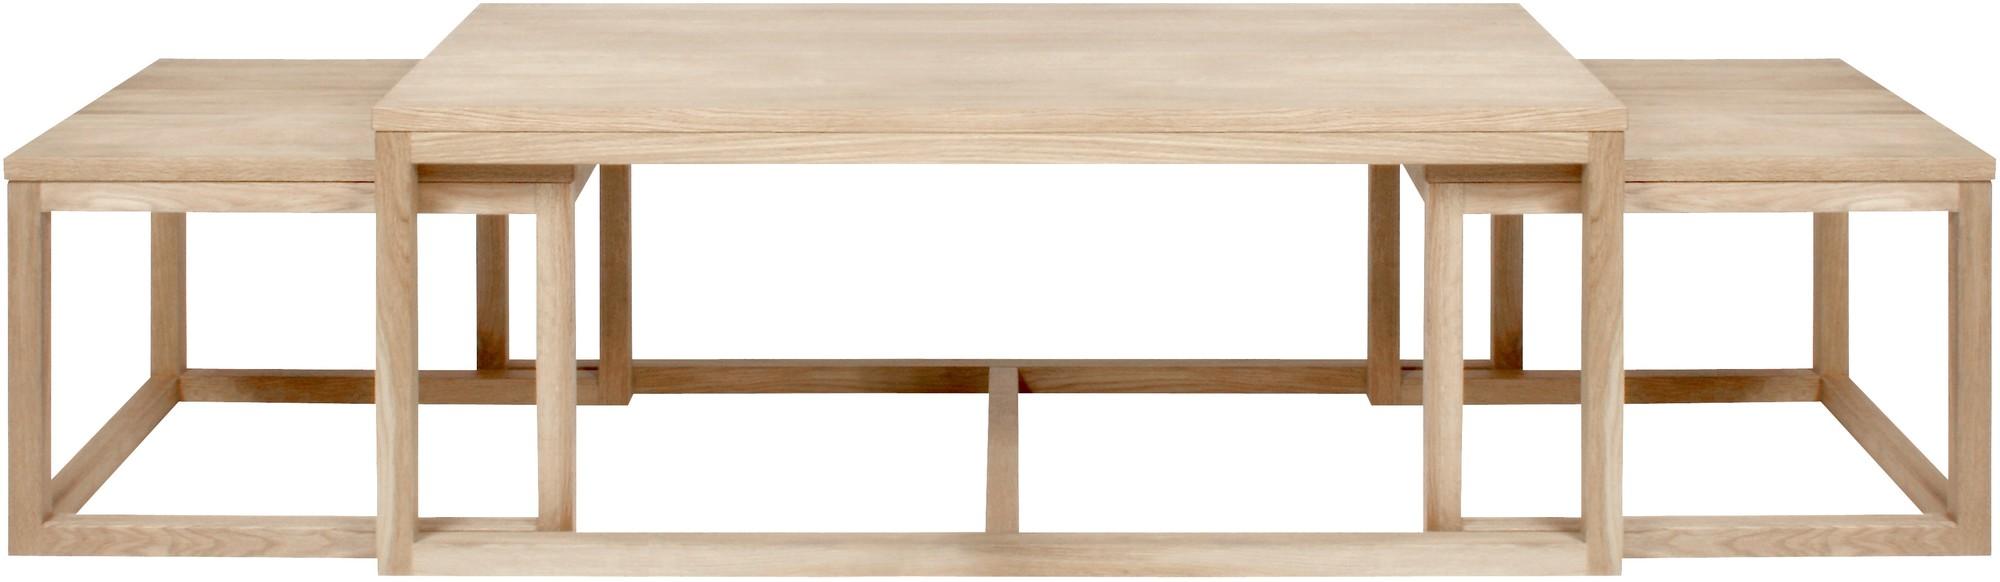 24Designs Set 3 Salontafel Valda - L120 X B60 X H50 Cm - Eiken Whitewash